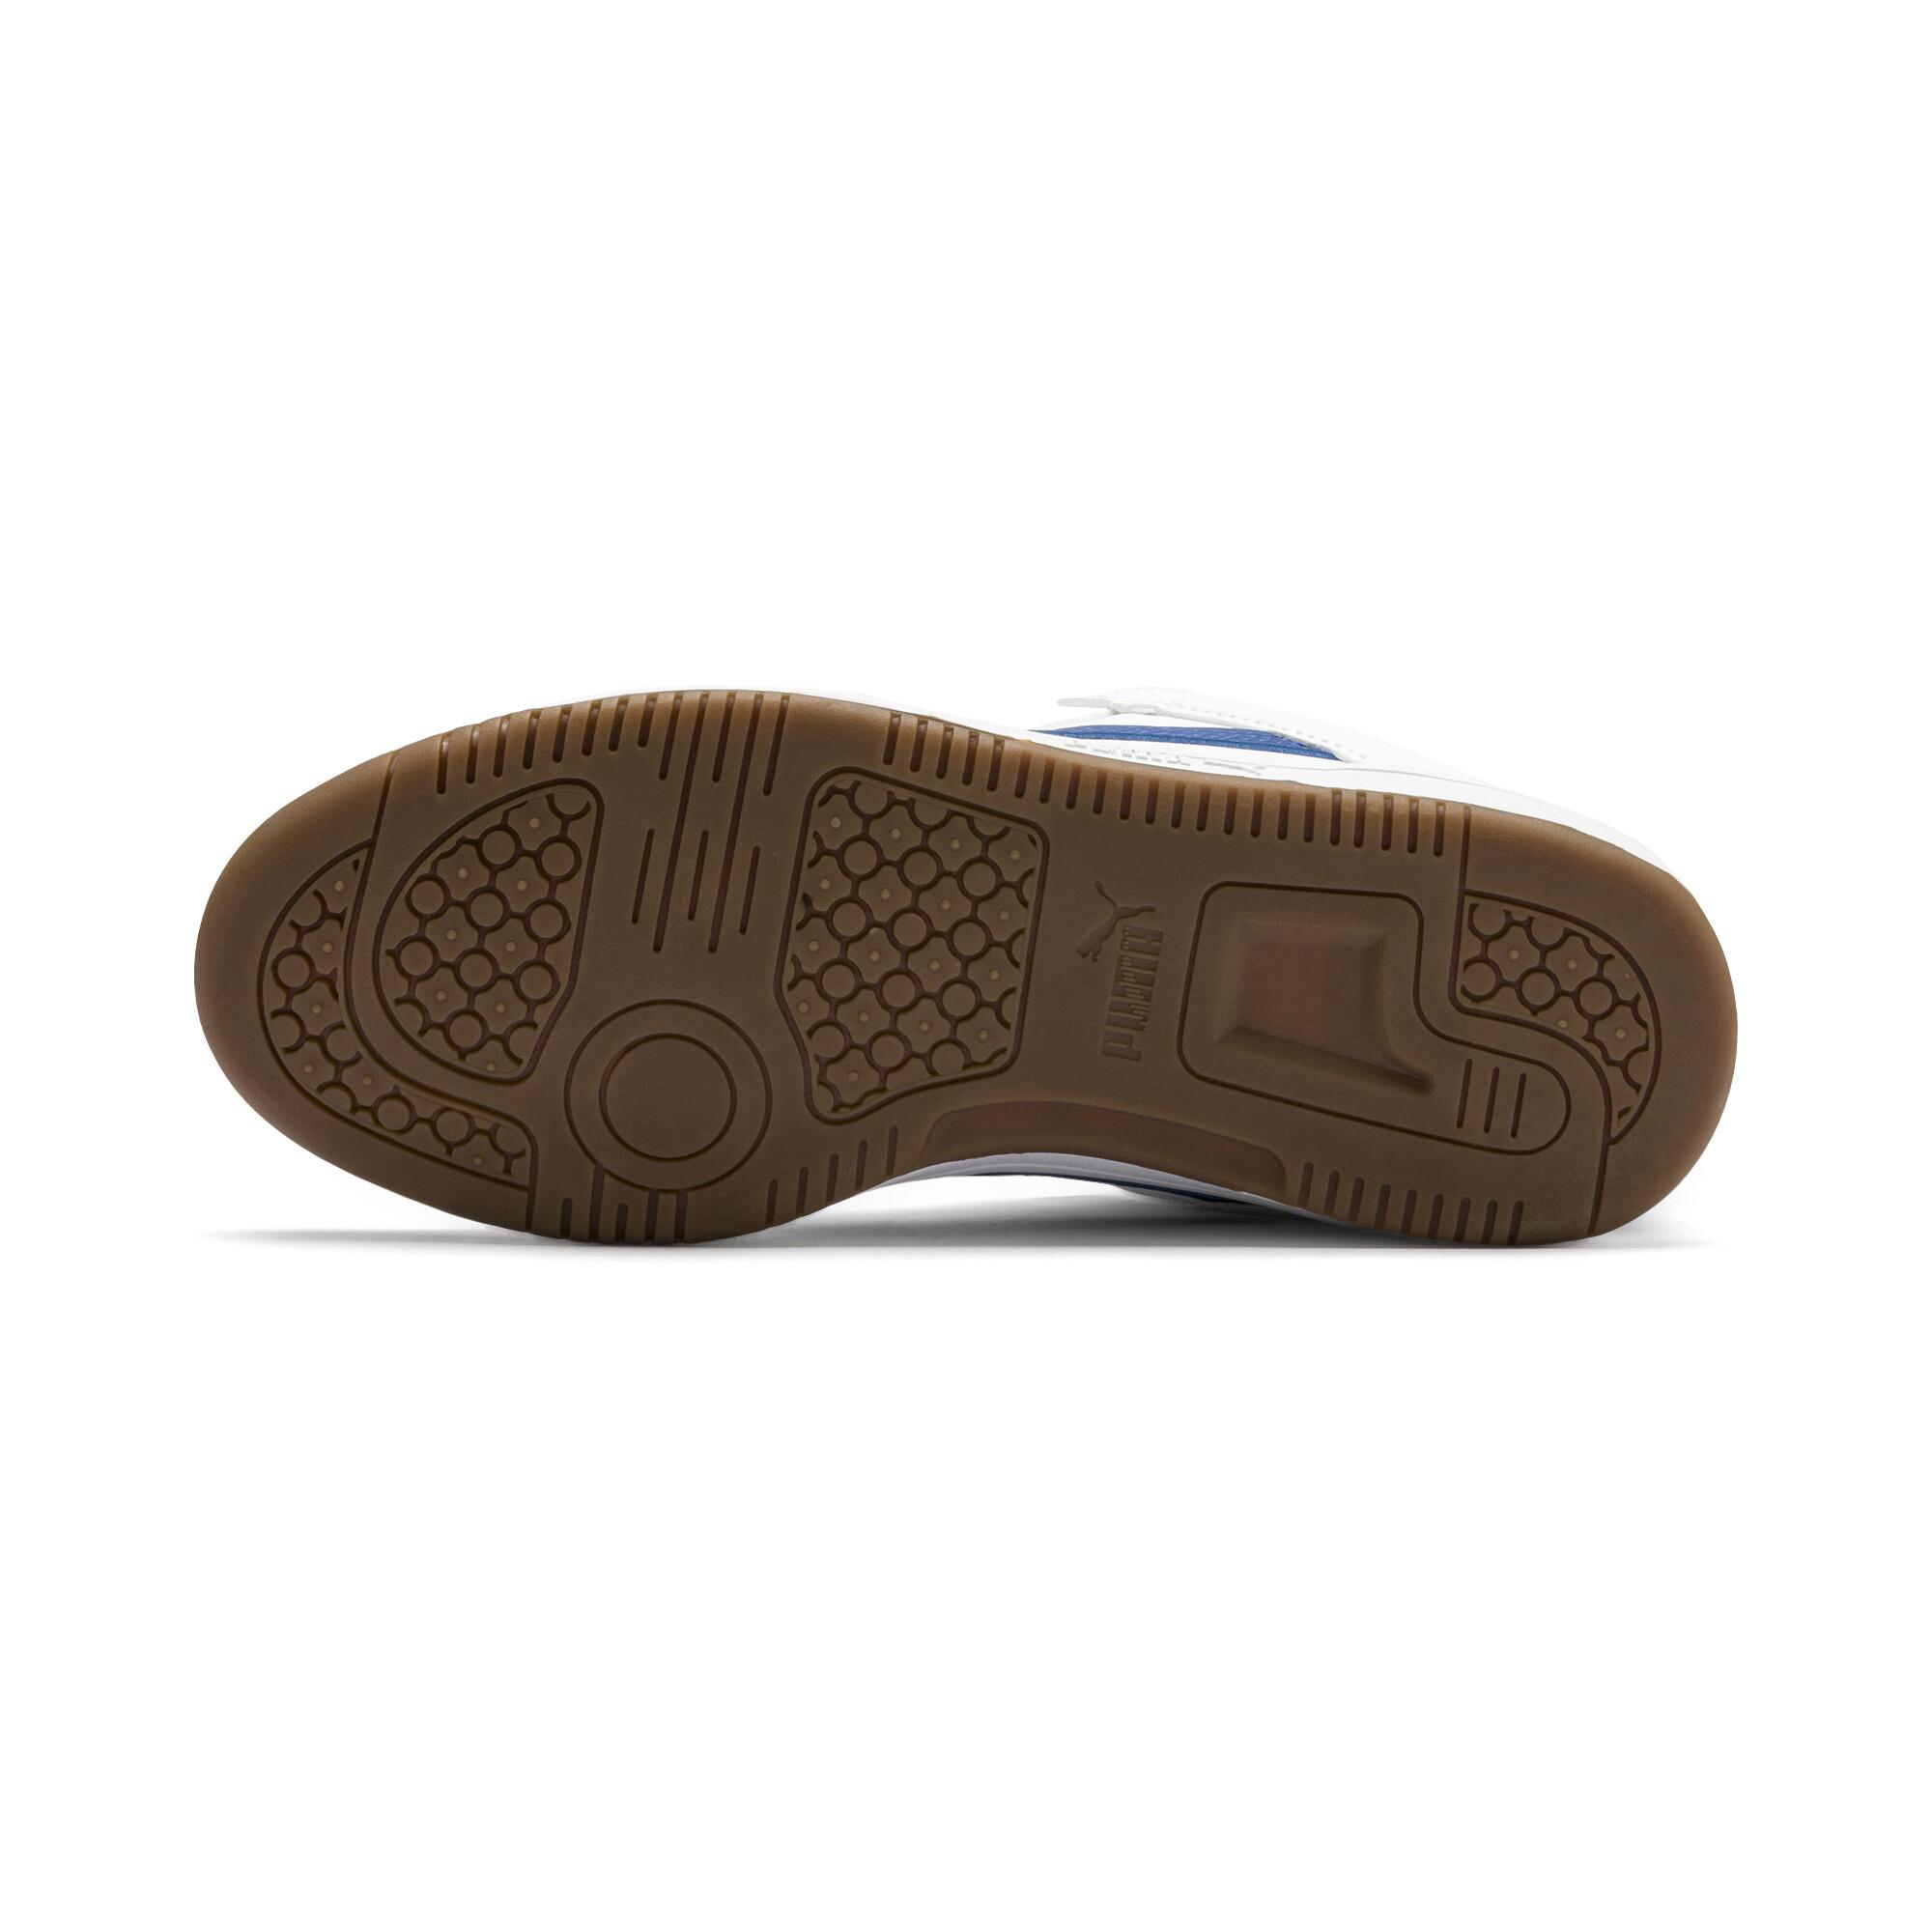 PUMA-PUMA-Rebound-LayUp-Lo-Sneakers-JR-Boys-Shoe-Kids thumbnail 23